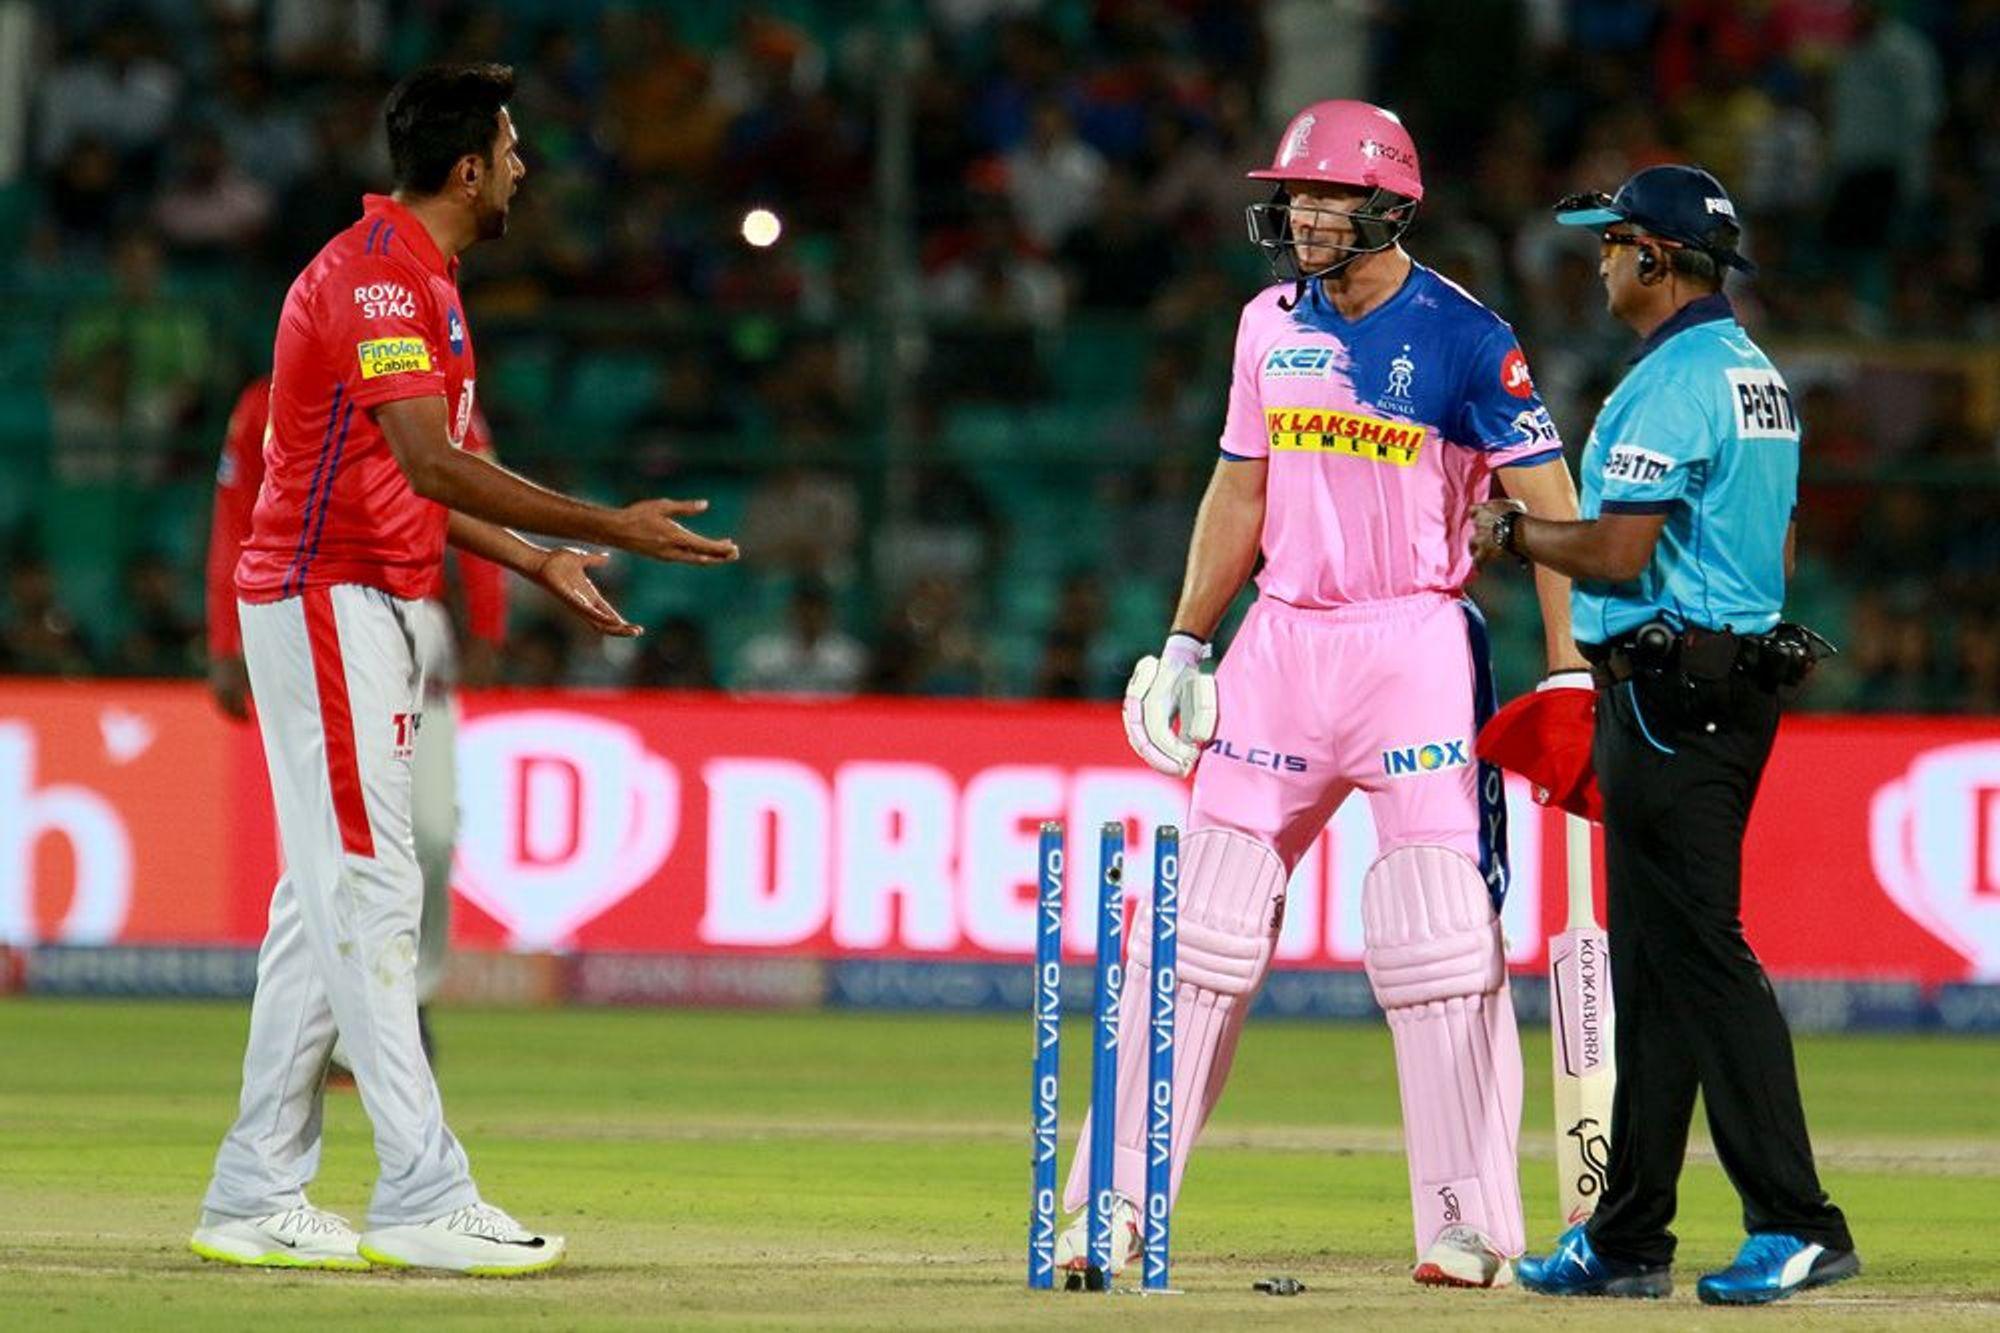 आईपीएल 2019: अश्विन-बटलर मांकडिंग विवाद पर बीसीसीआई ने रखा अपना पक्ष, अश्विन को चेतावनी देते हुए कही ये बात